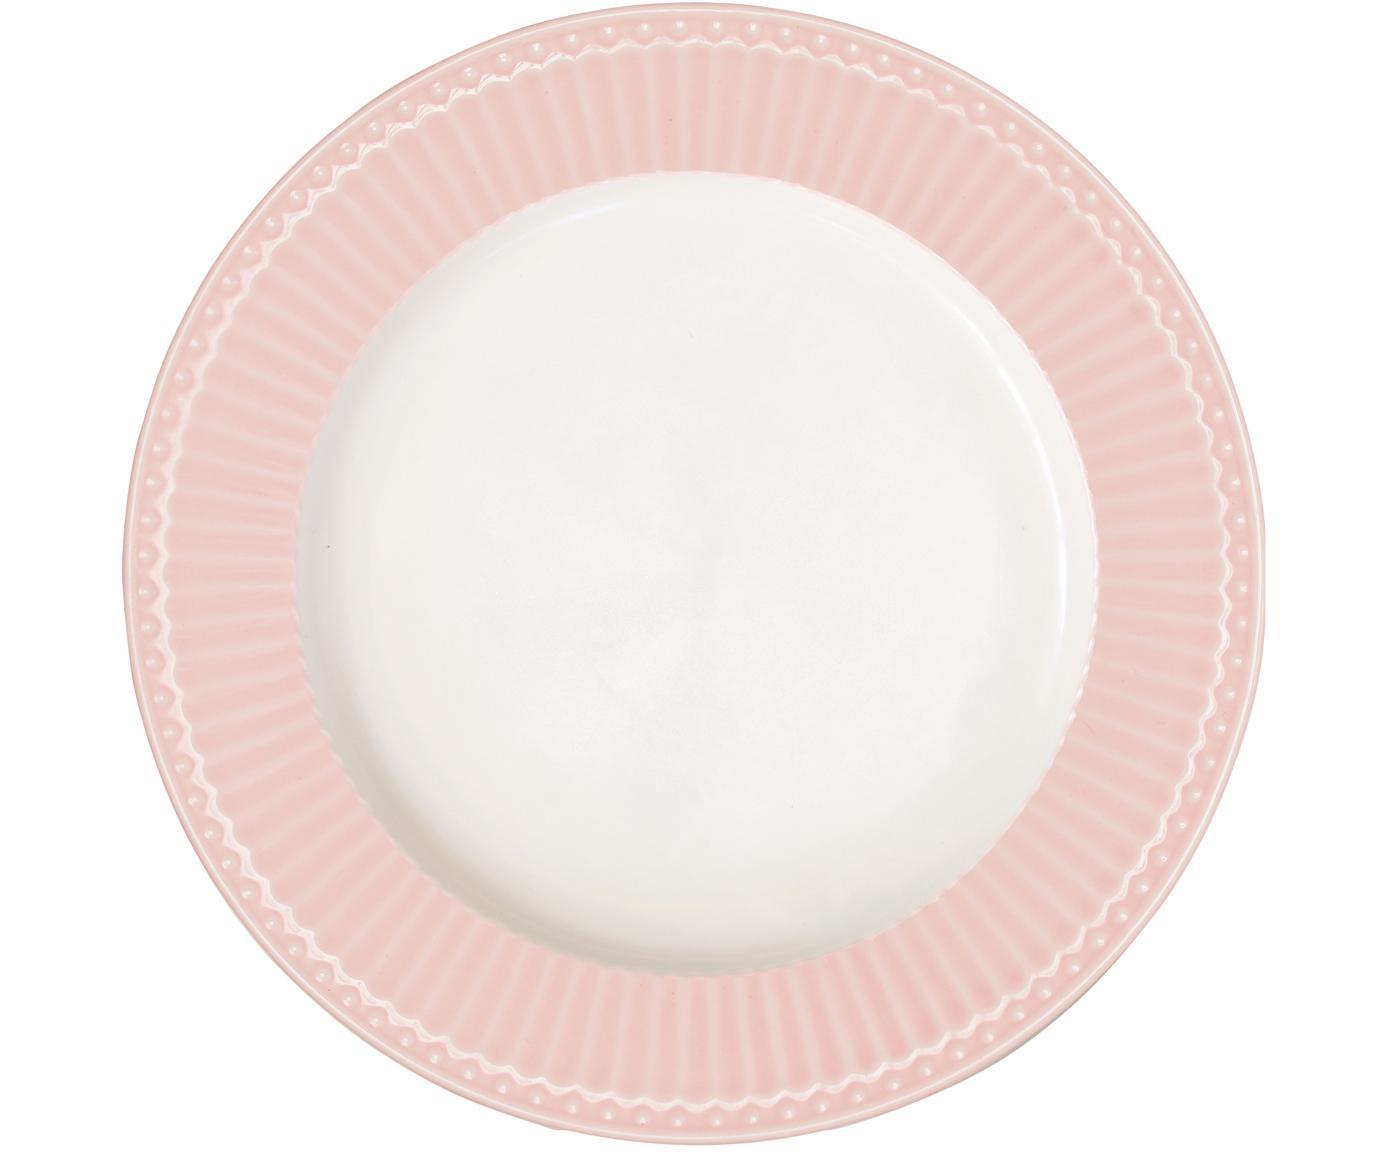 Handgefertigte Speiseteller Alice in Rosa mit Reliefdesign, 2 Stück, Steingut, Rosa, Weiß, Ø 27 cm